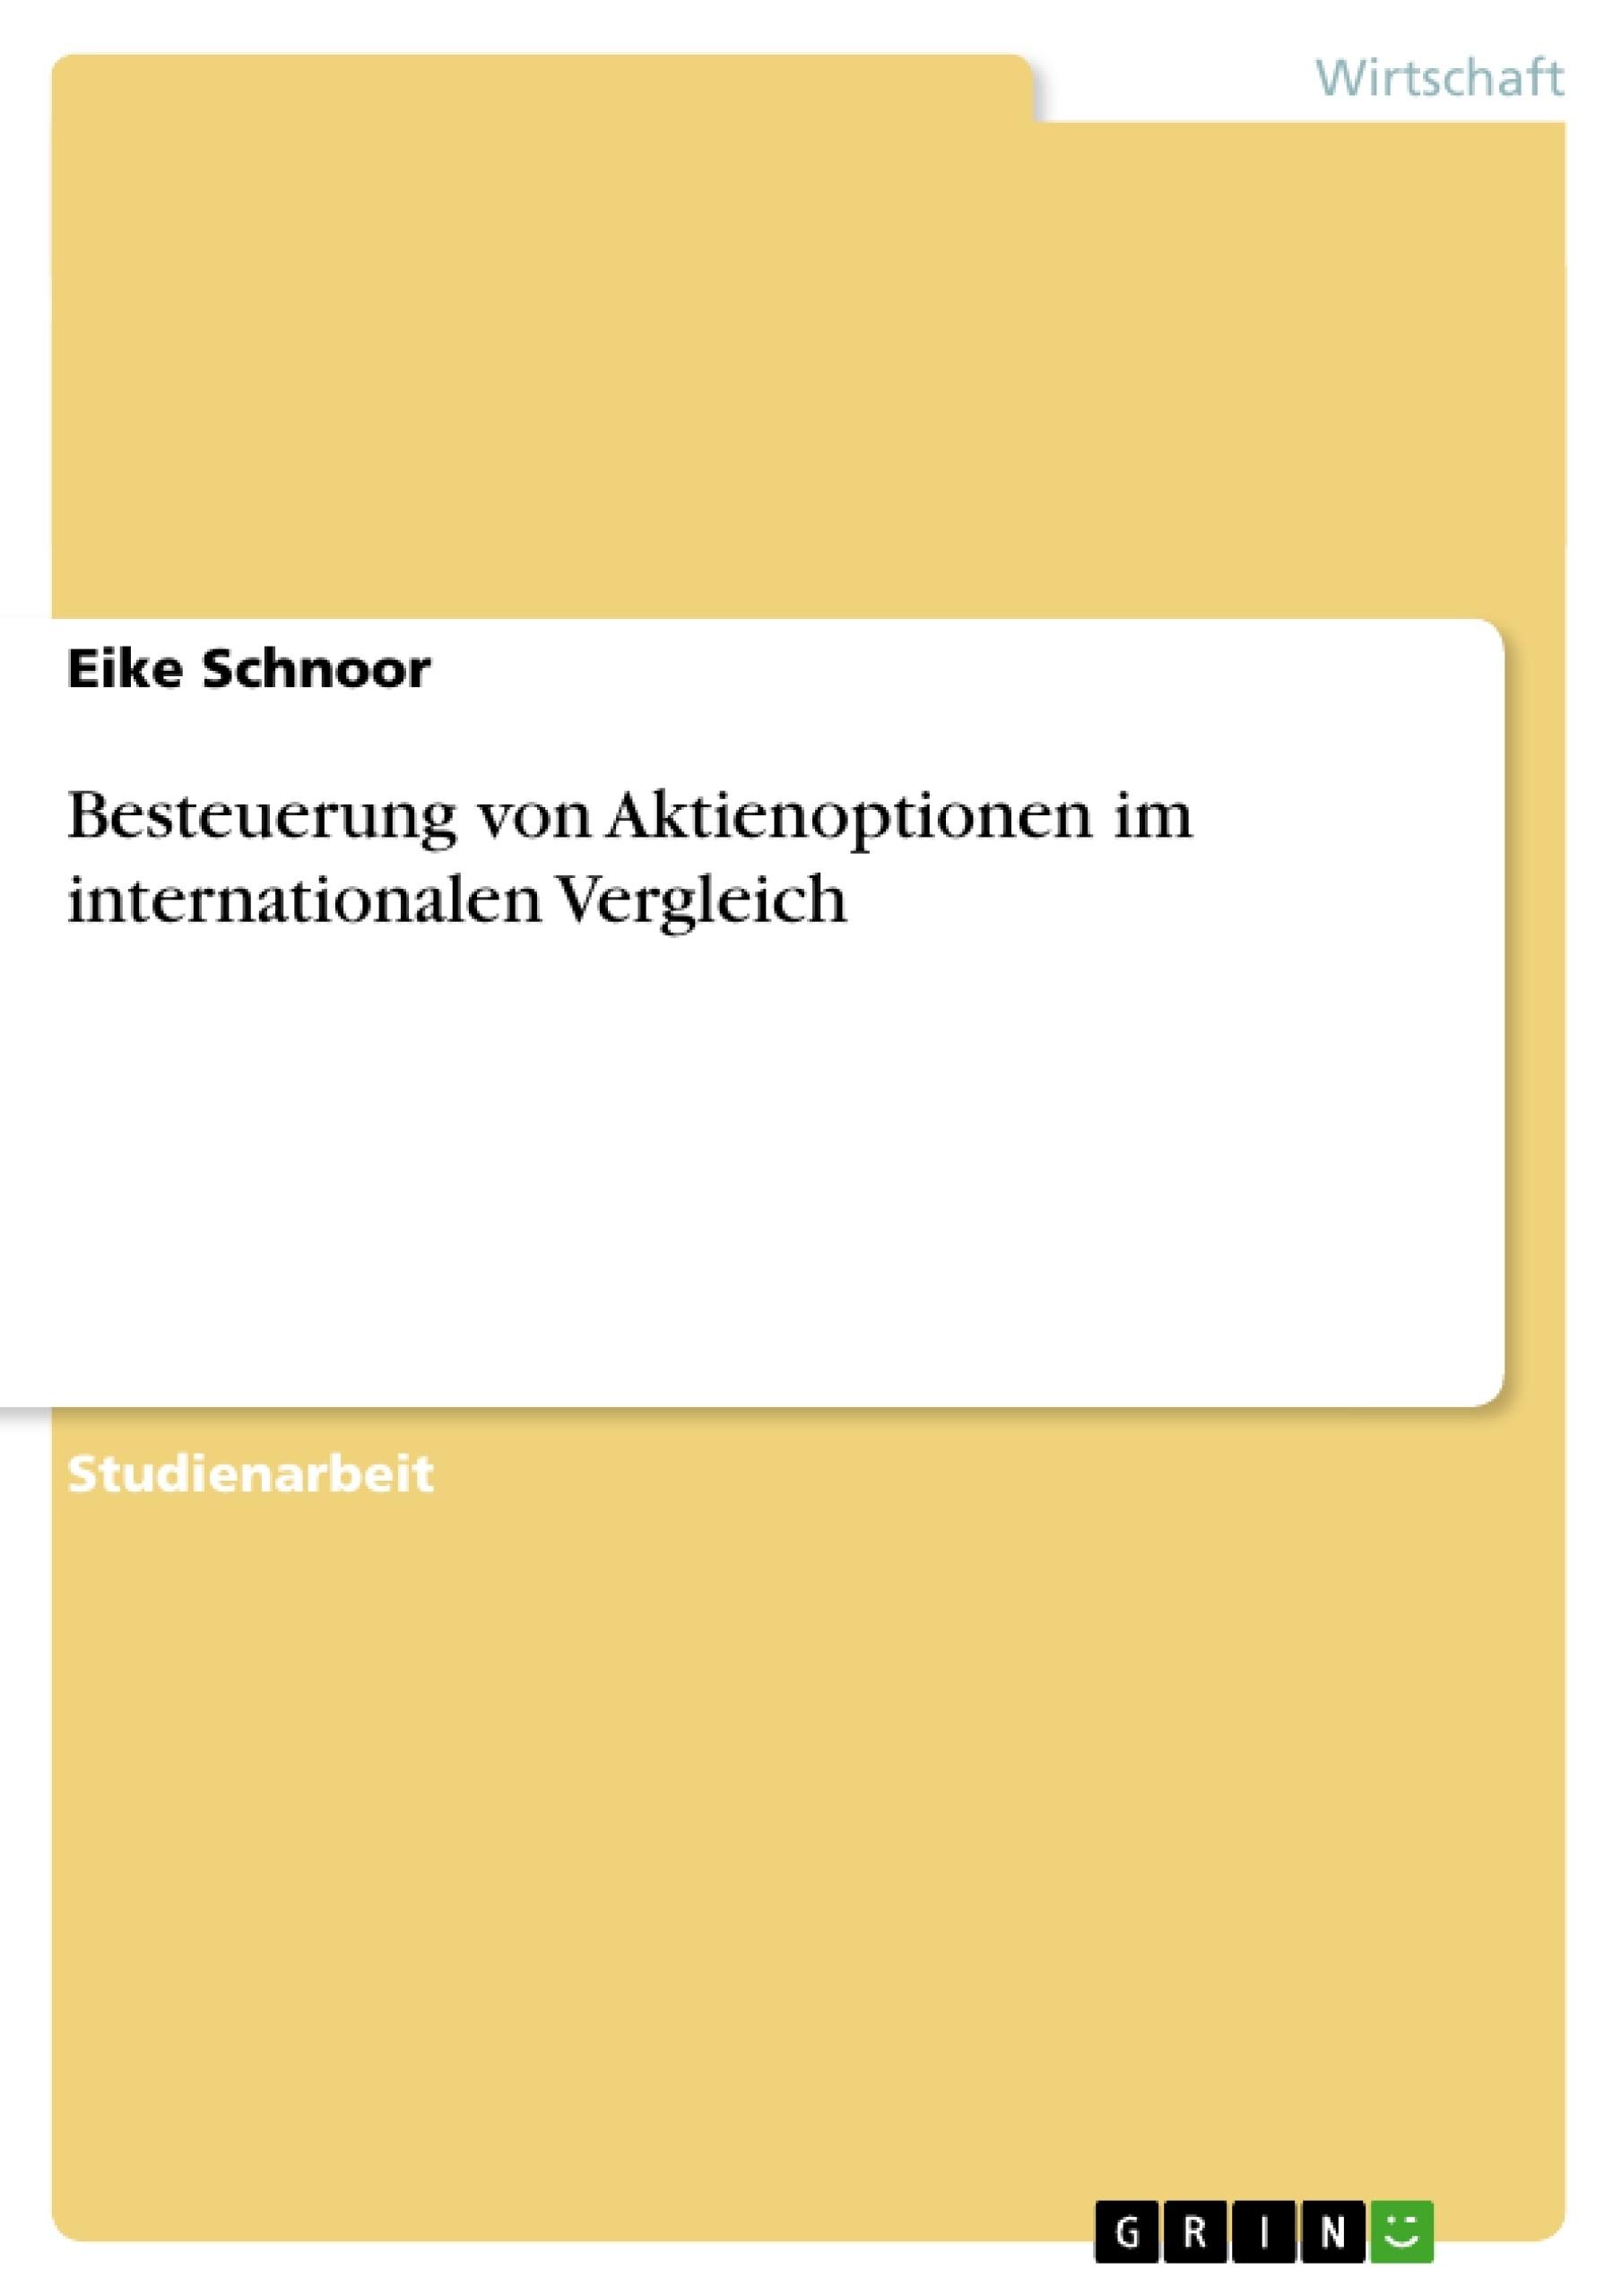 Titel: Besteuerung von Aktienoptionen im internationalen Vergleich